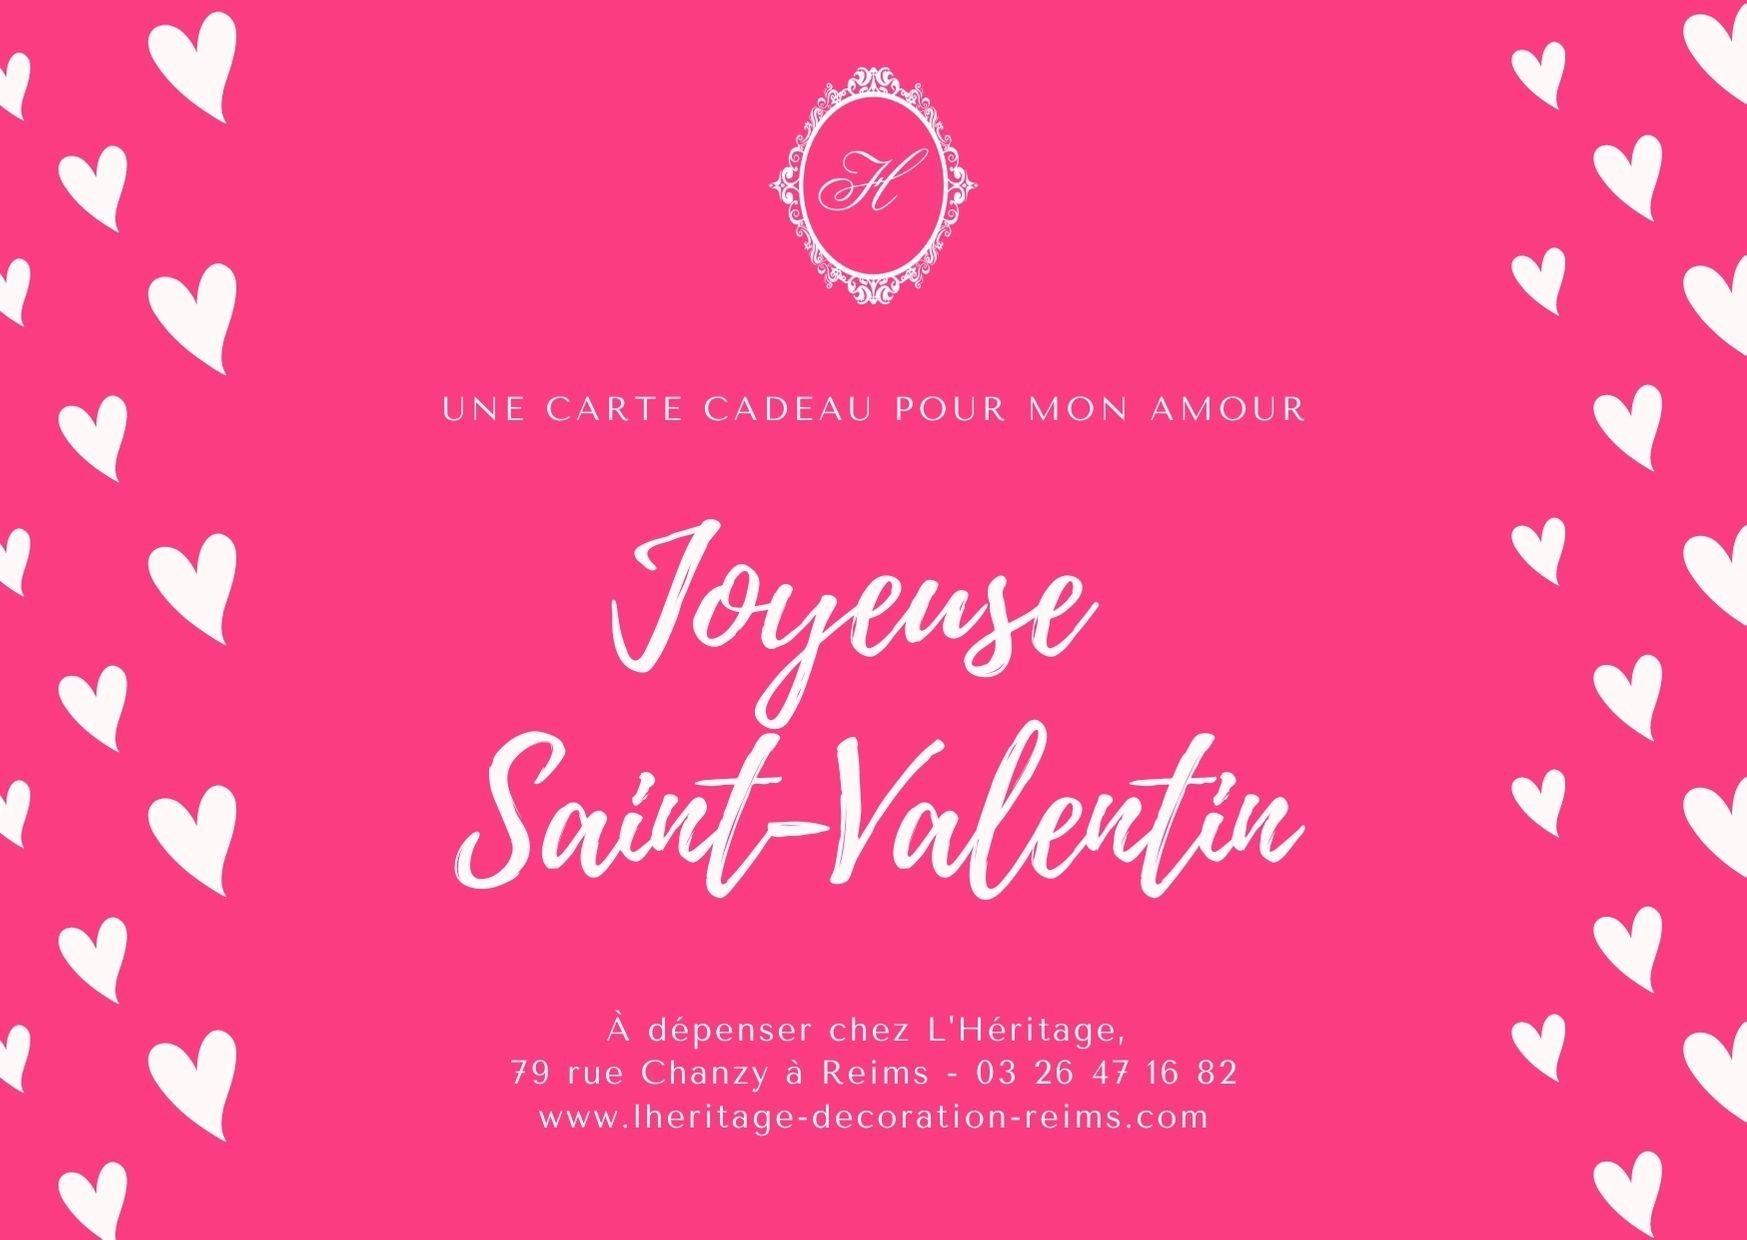 Saint-valentin2